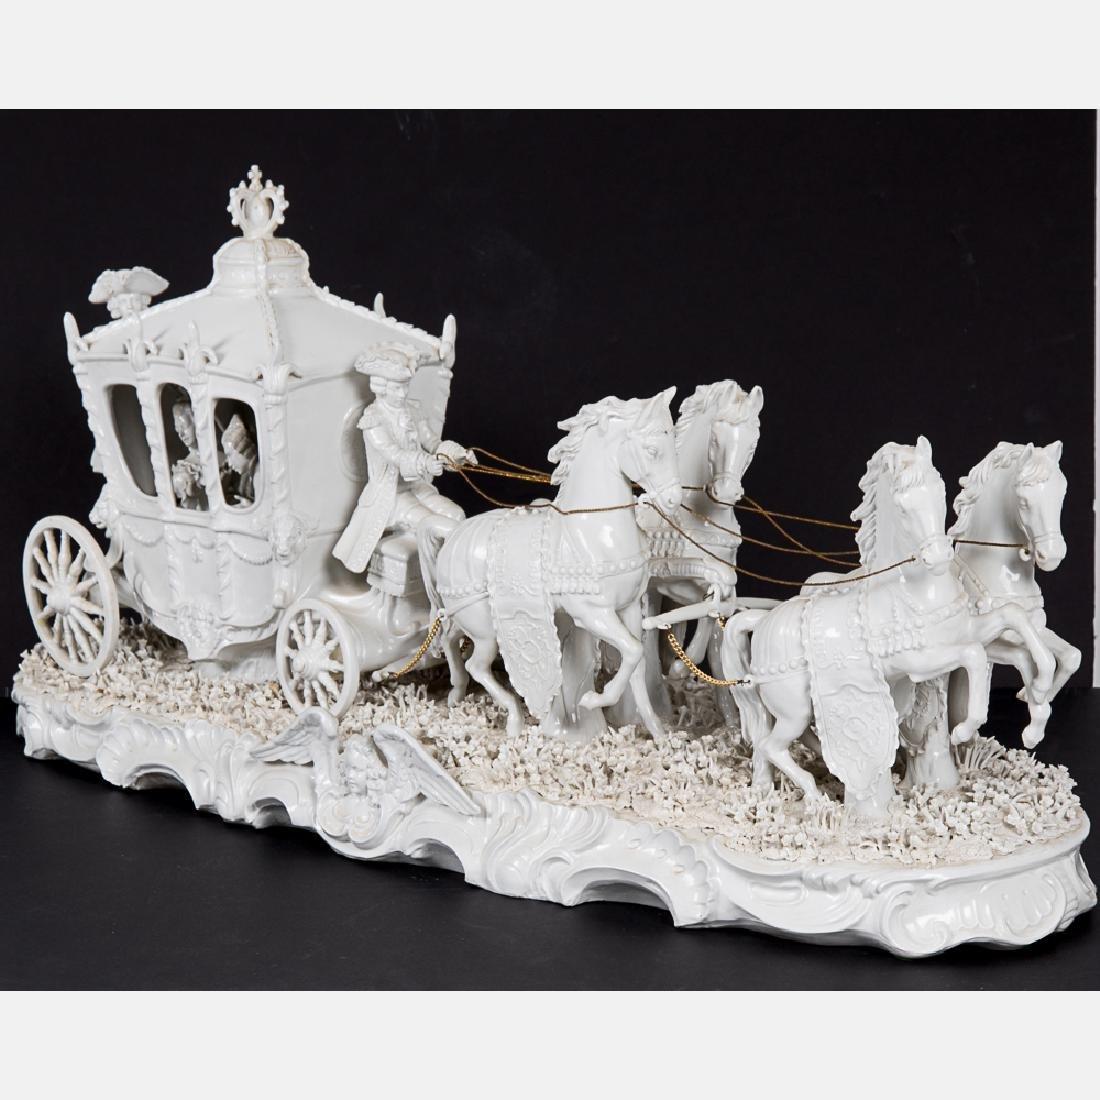 A Sitzendorf Blanc de Chine Porcelain Horse Drawn